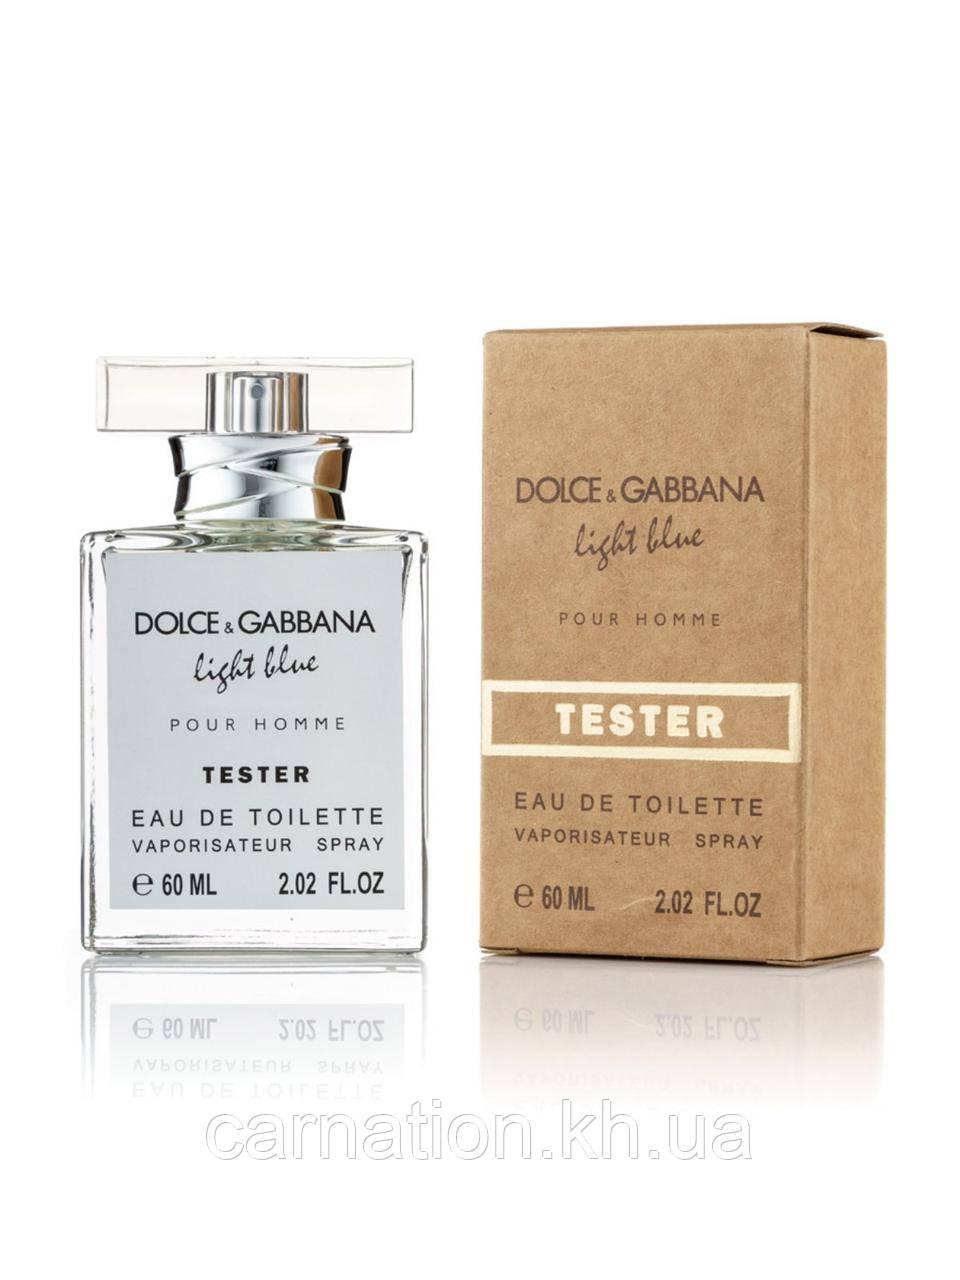 Чоловічий тестер Dolce&Gabbana Light Blue 60 мл